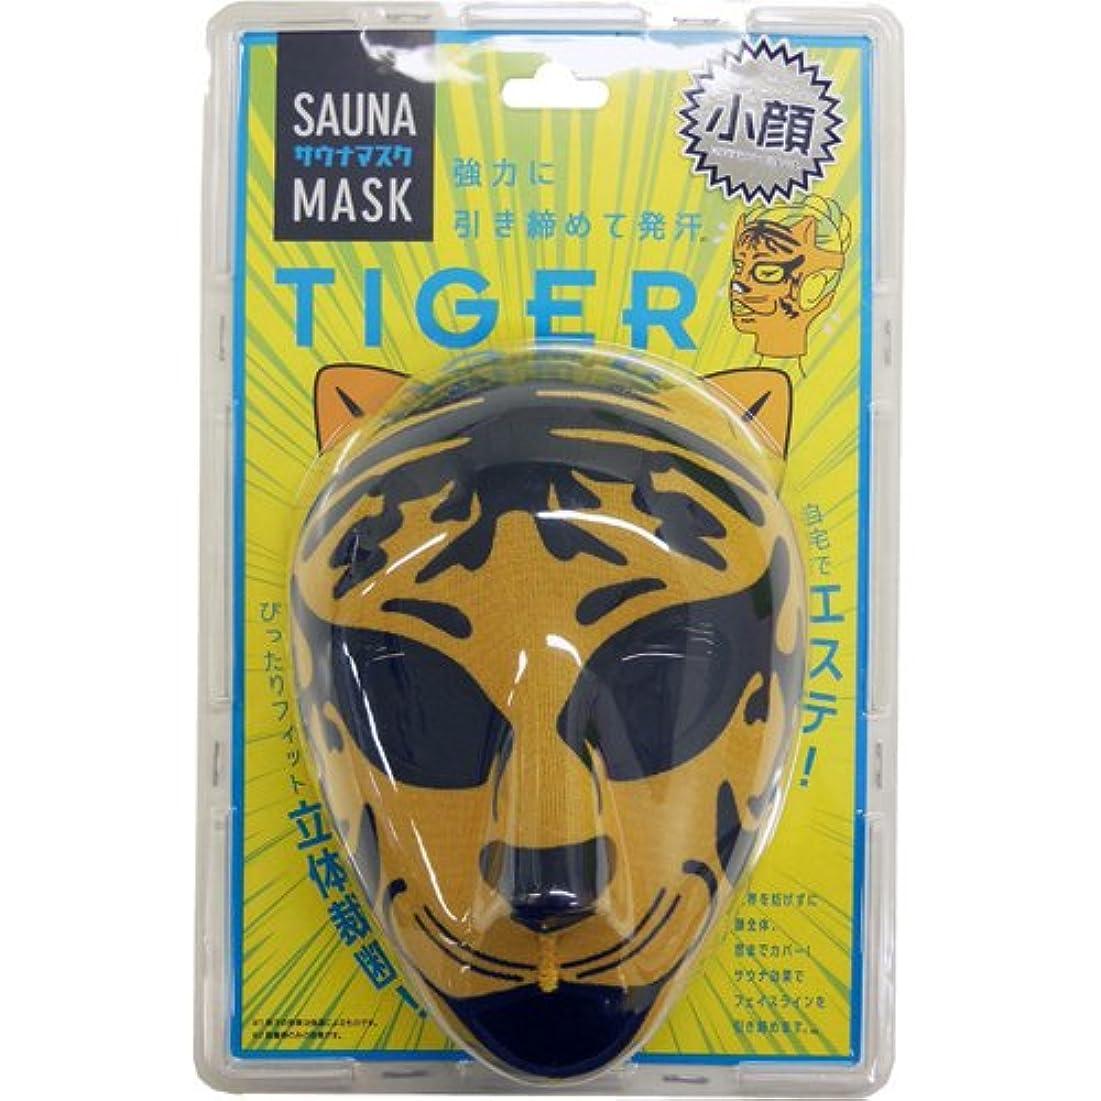 シプリー薄める設計図コジット サウナマスク TIGER (1個)